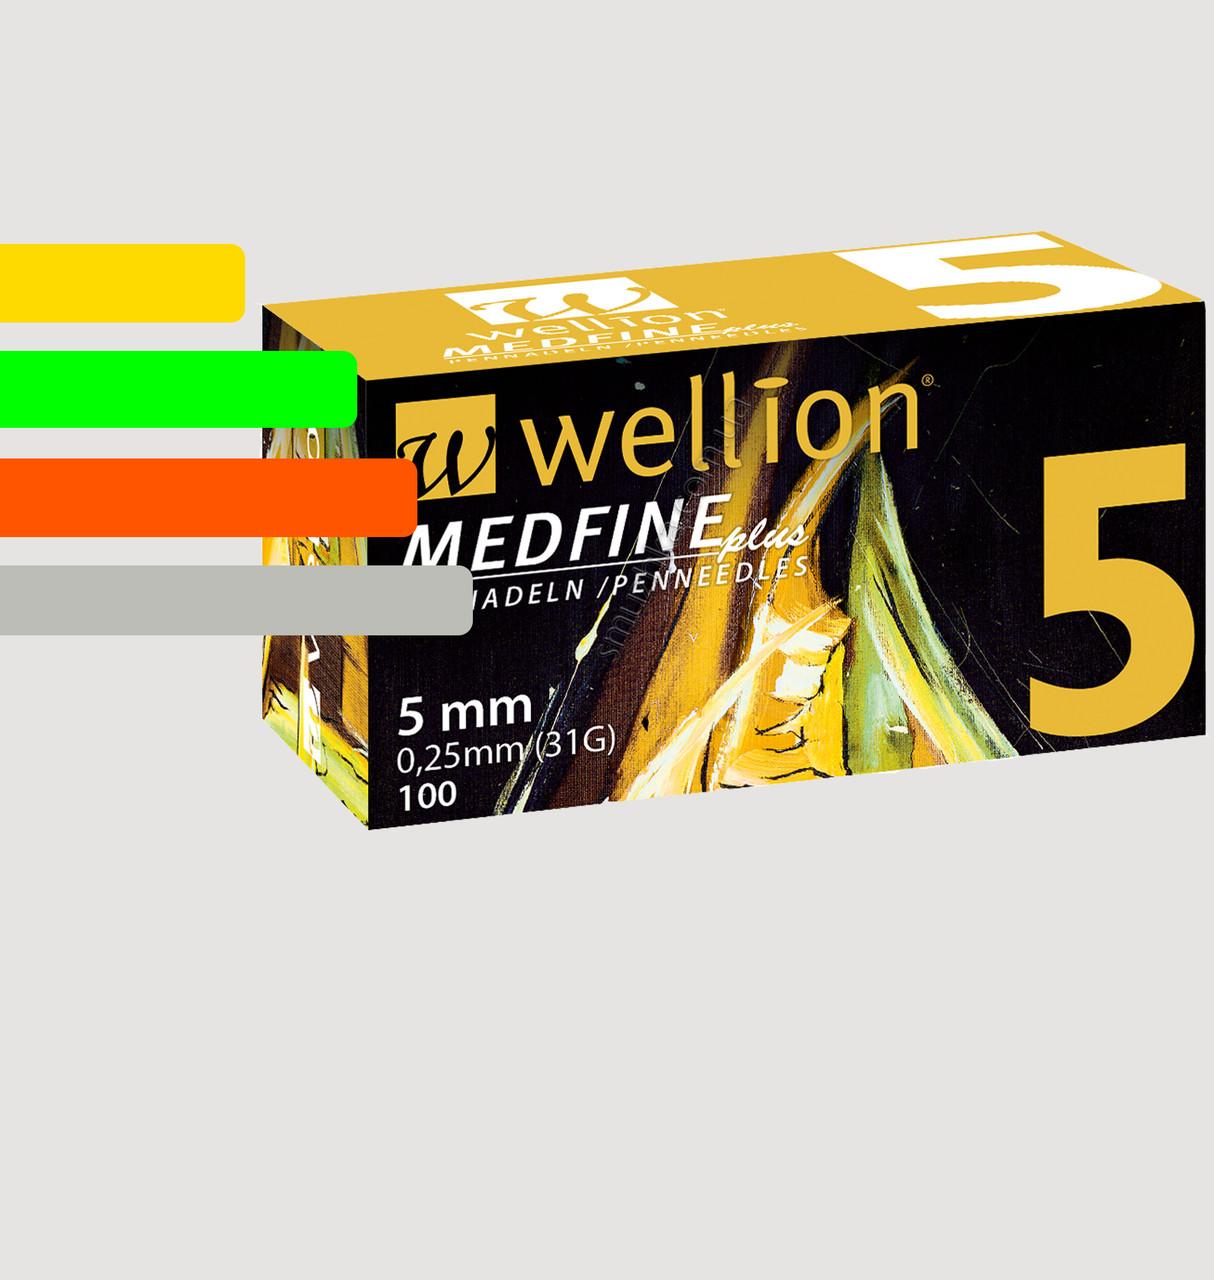 Иглы инсулиновые Wellion Medfine 5мм, 31G